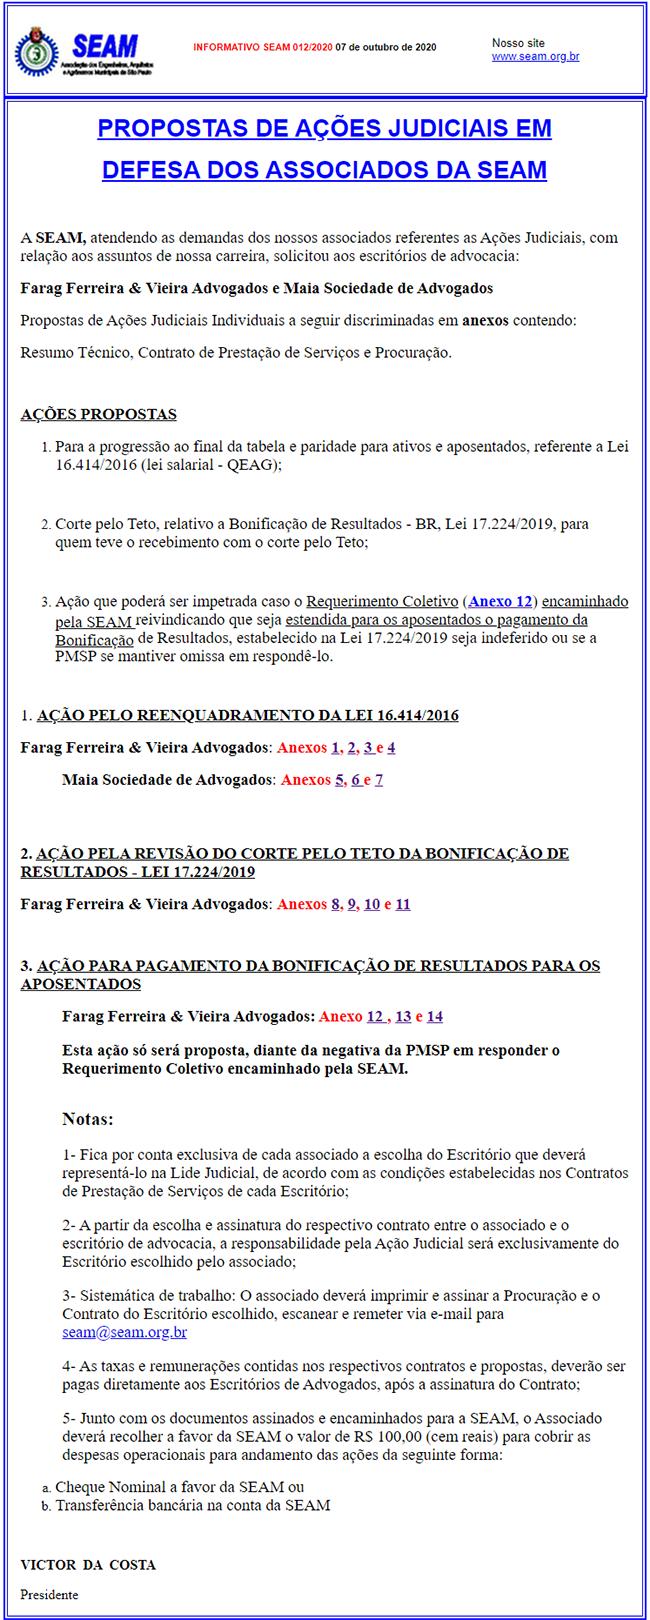 012 – PROPOSTAS DE AÇÕES JUDICIAIS EM  DEFESA DOS ASSOCIADOS DA SEAM